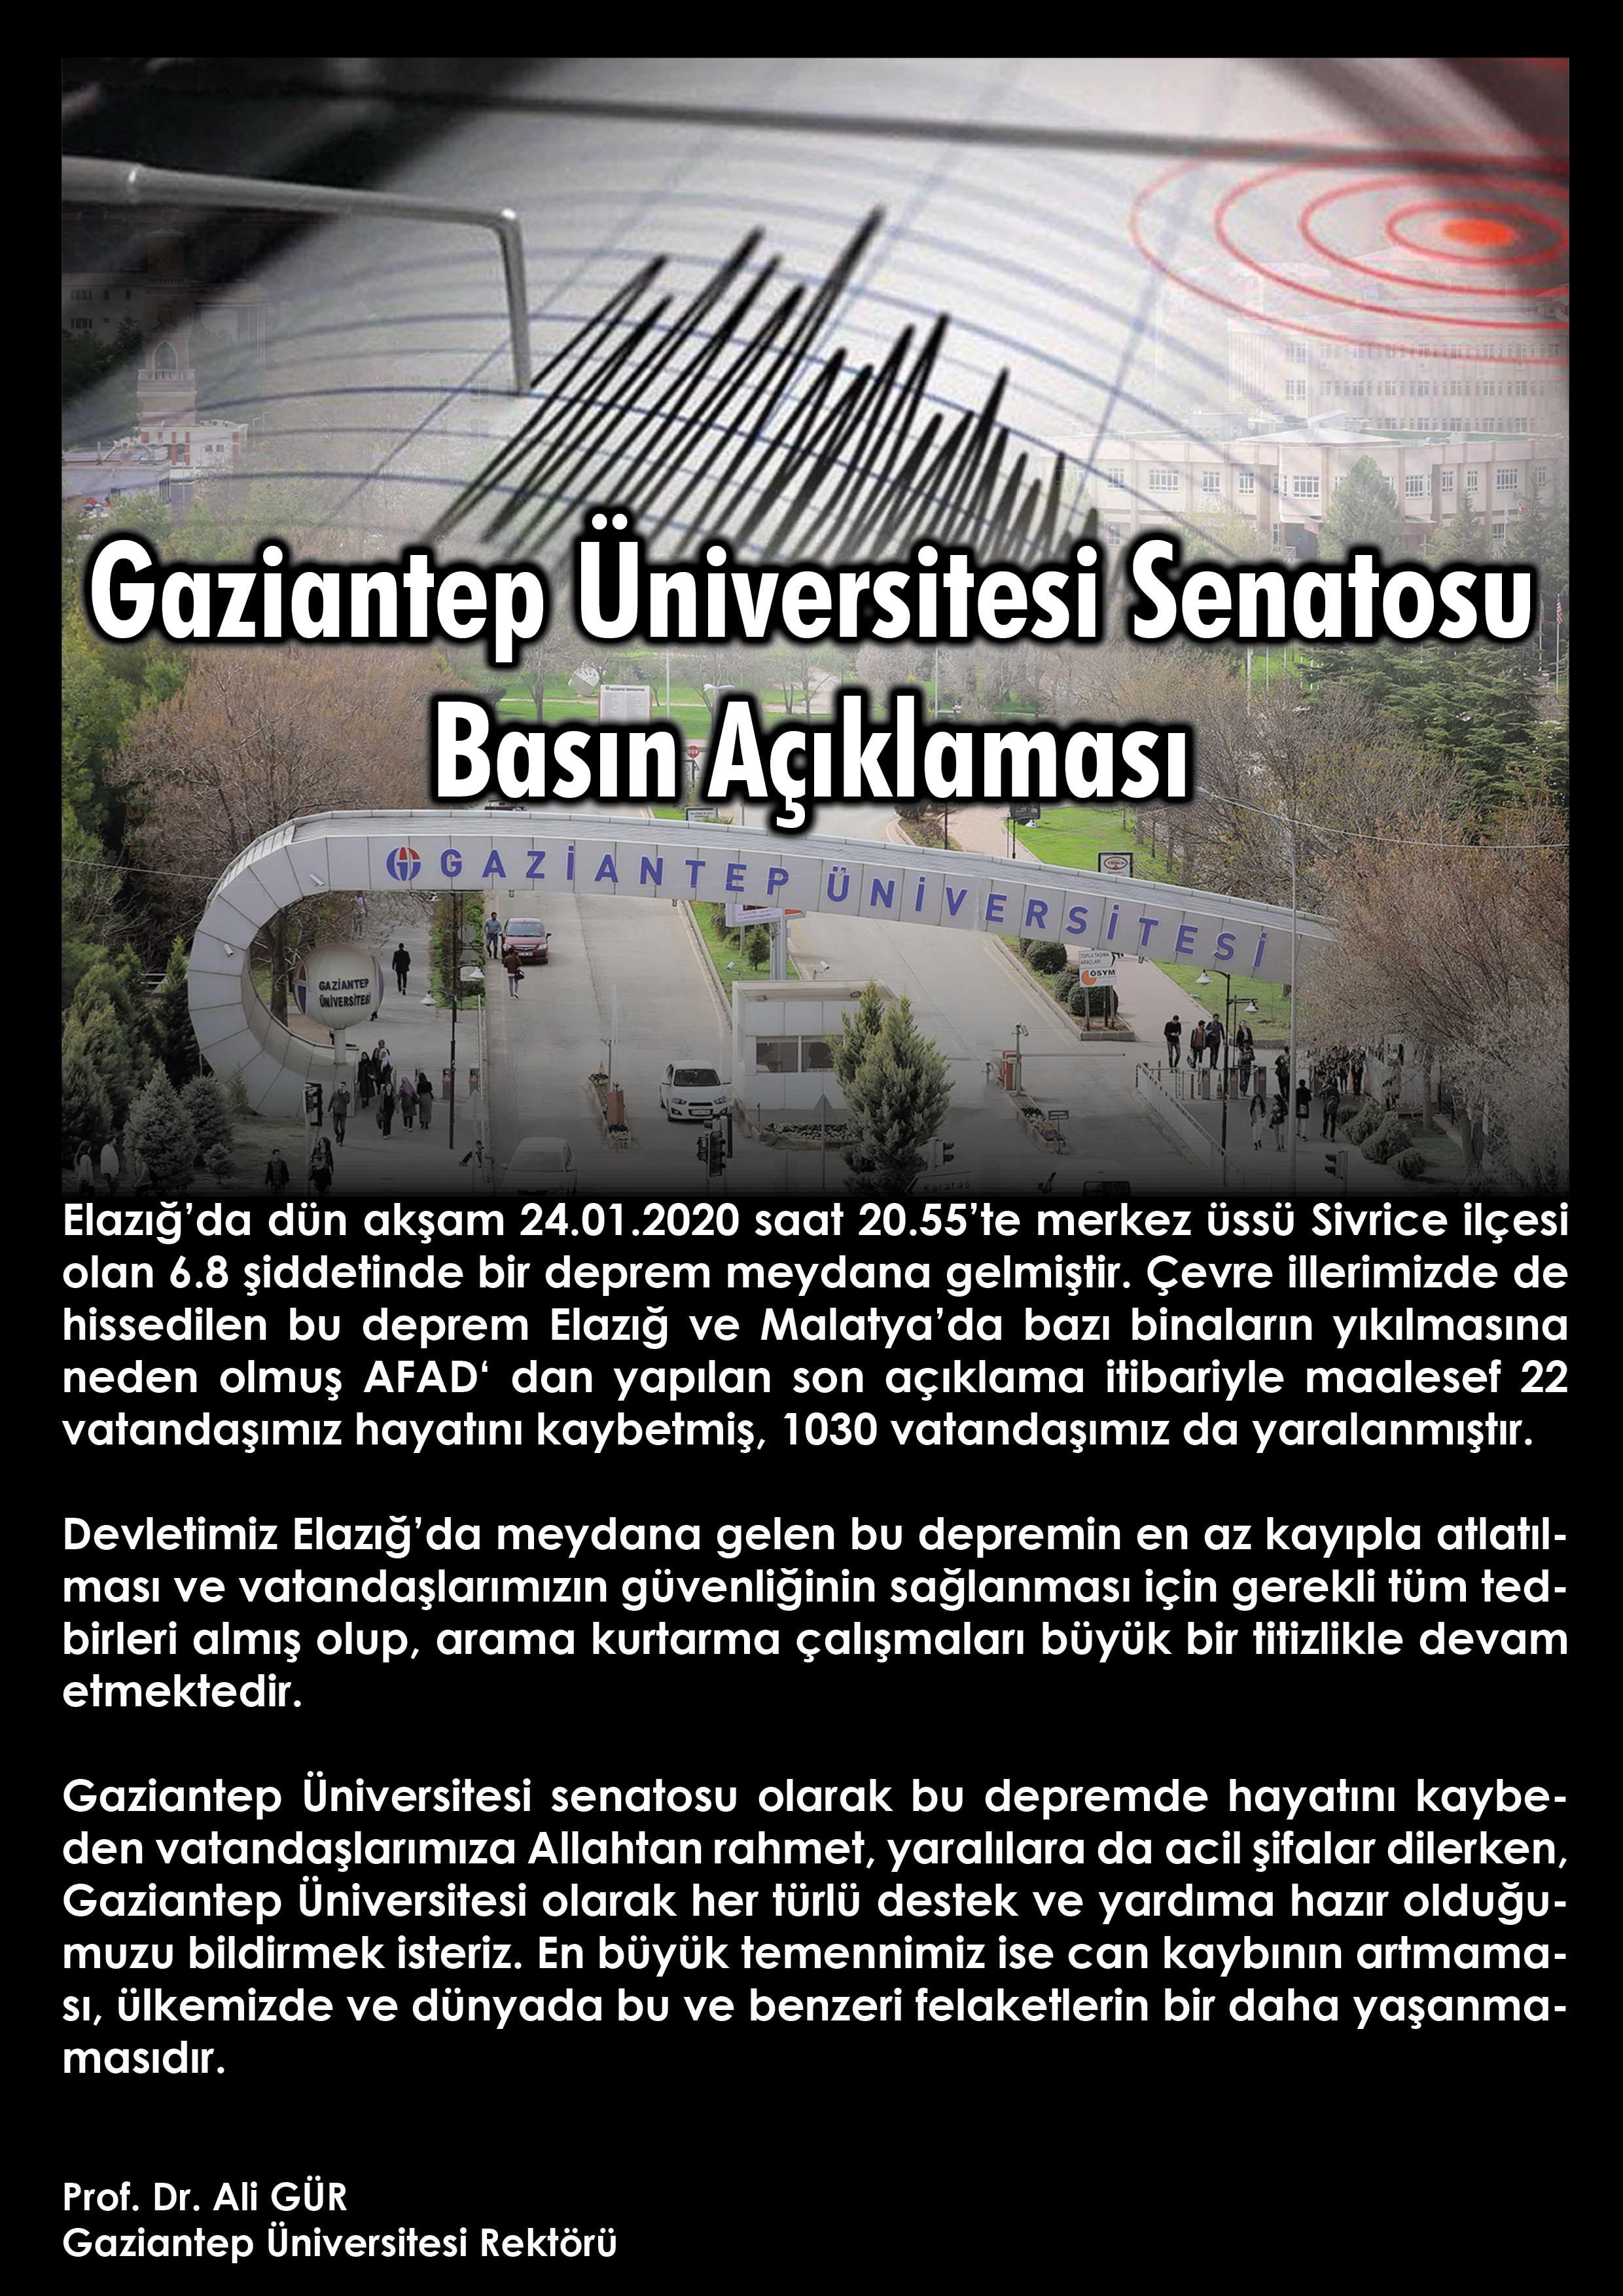 Gaziantep Üniversitesi Senatosu Basın Açıklaması